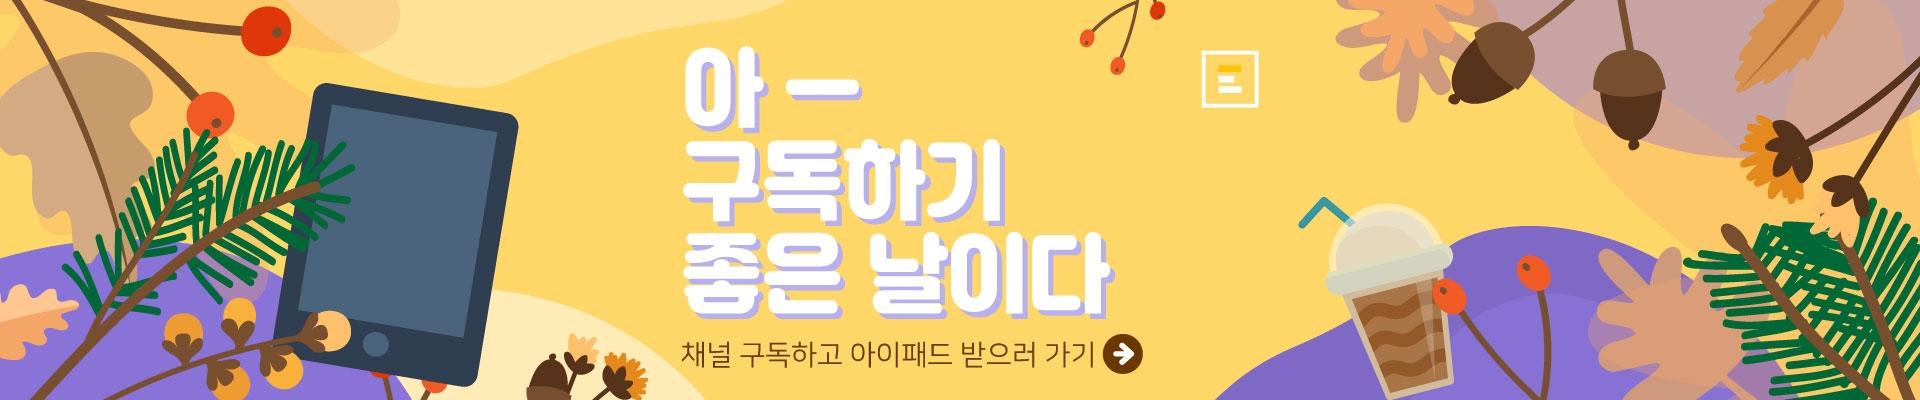 이벤터스_이벤터스 리뉴얼, 구독이벤트, 아이패드